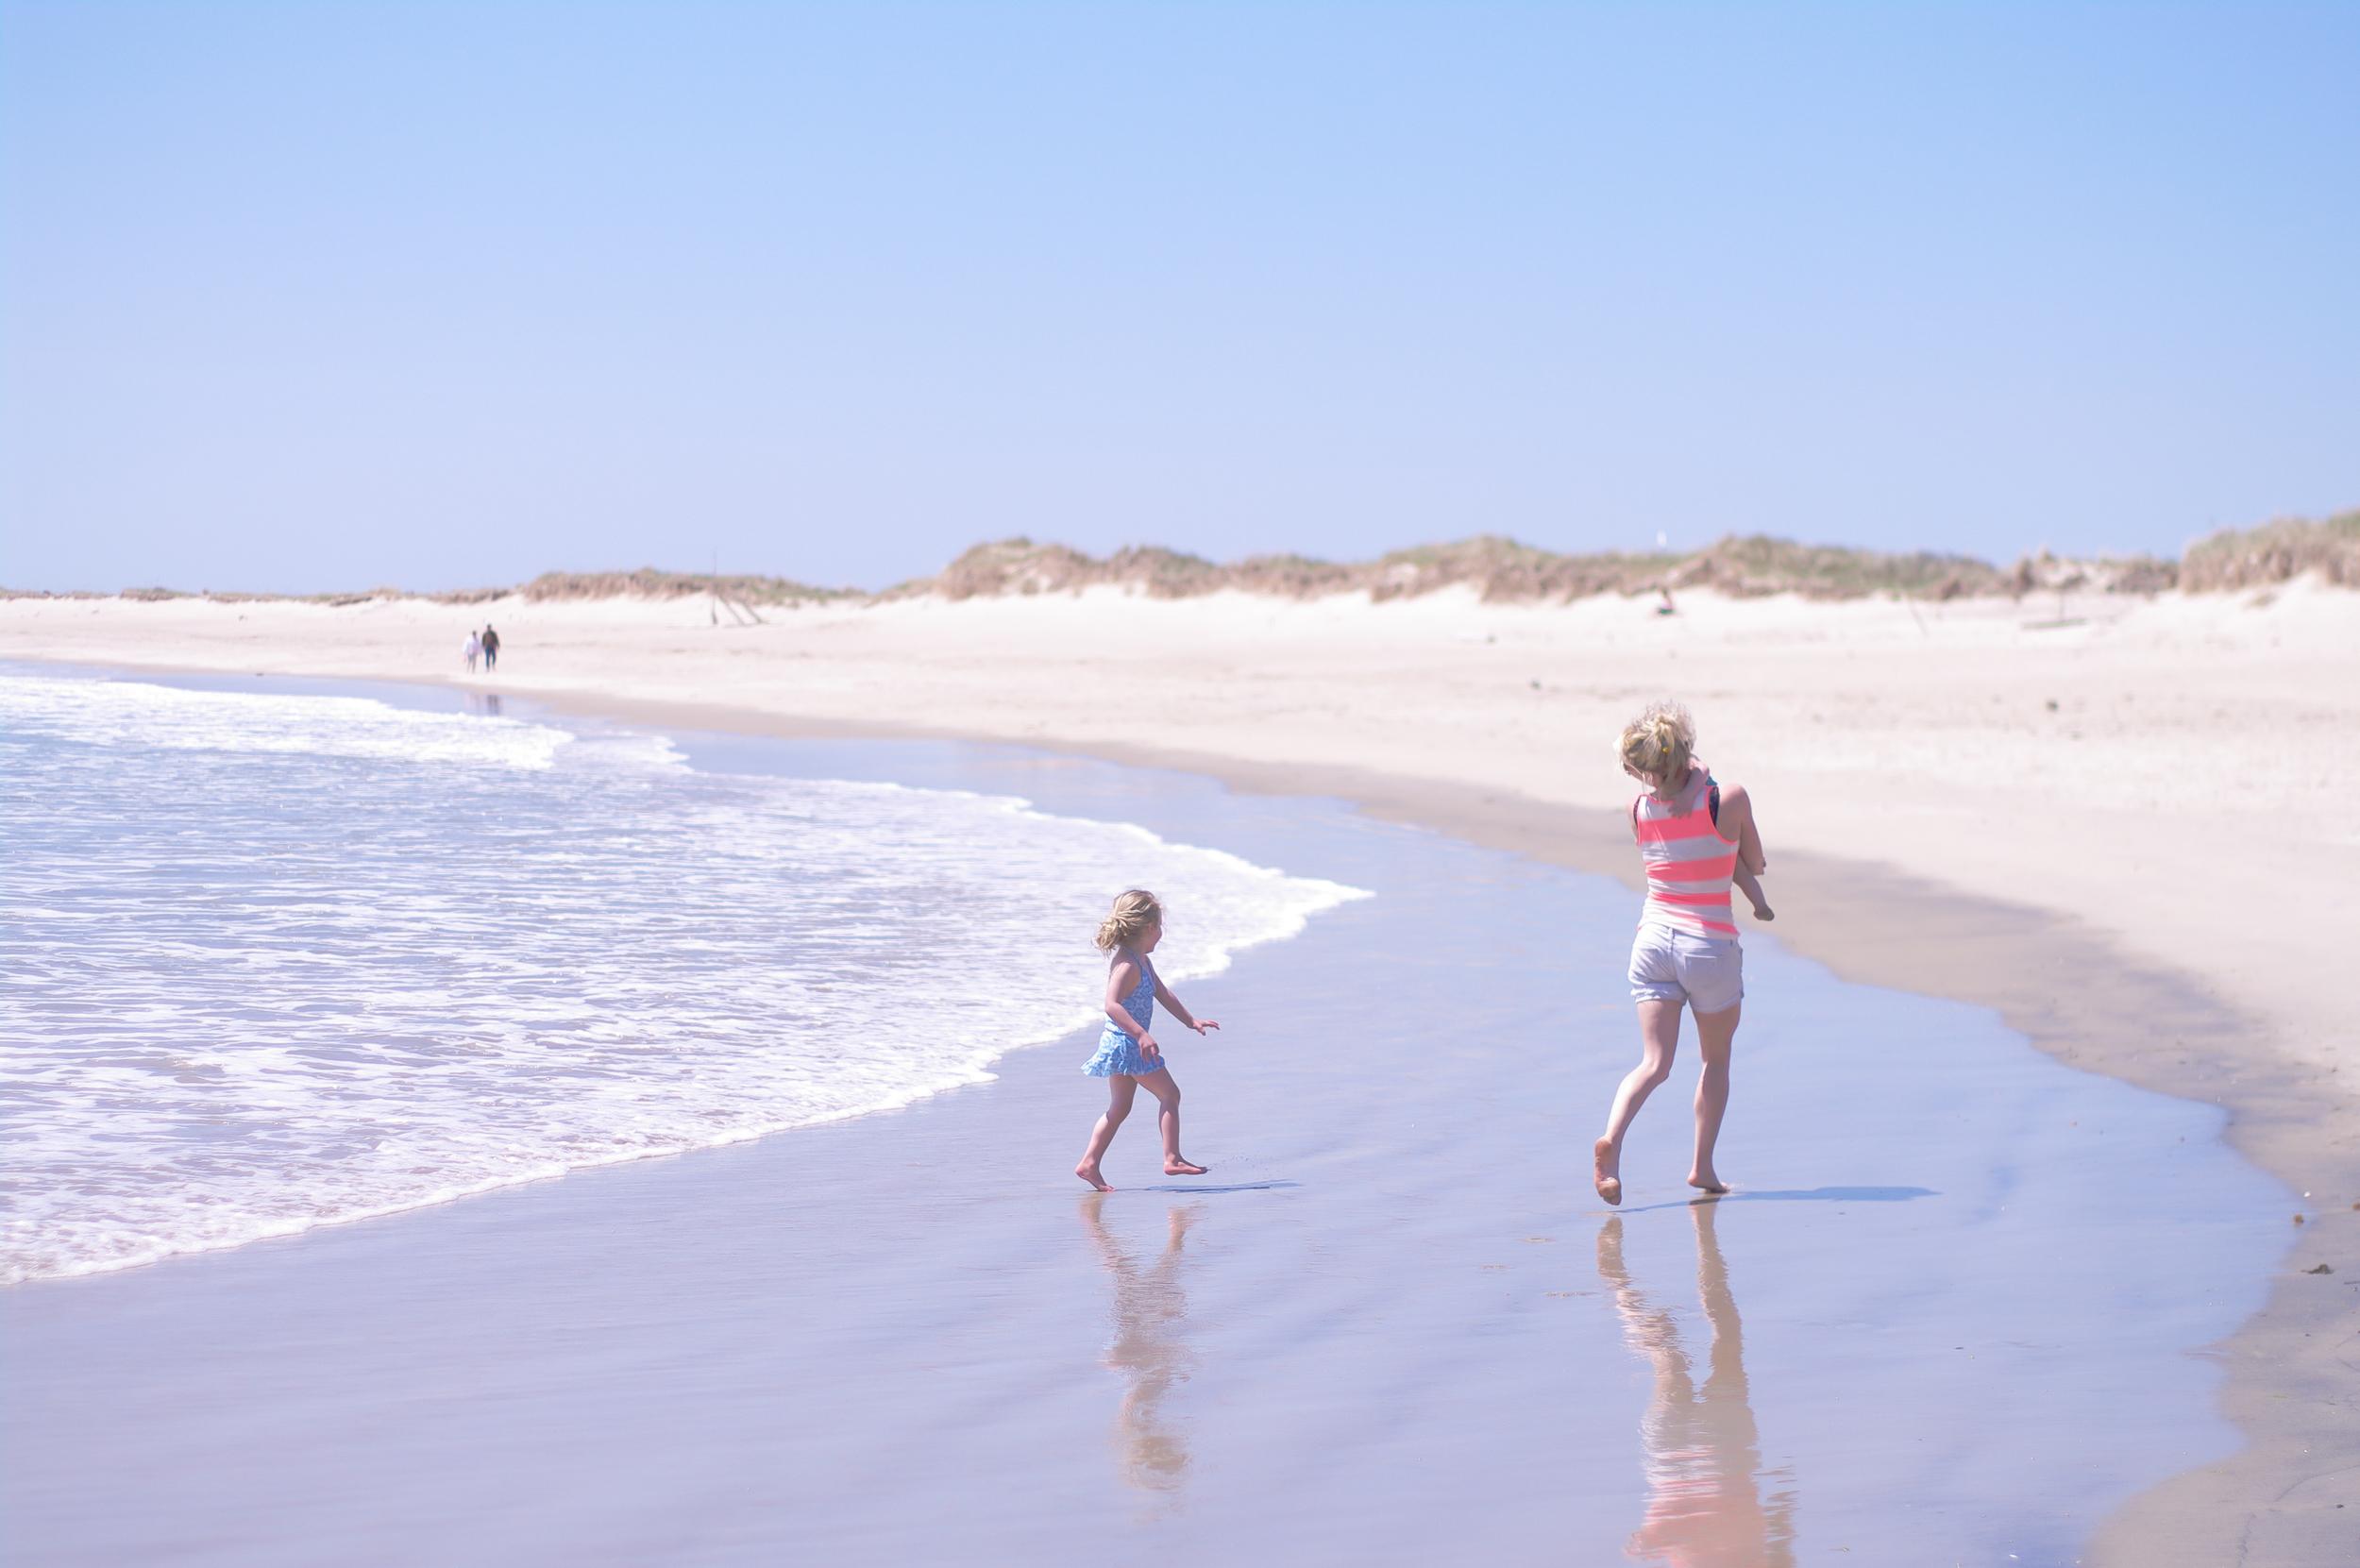 beachday-300dpi-1321-2